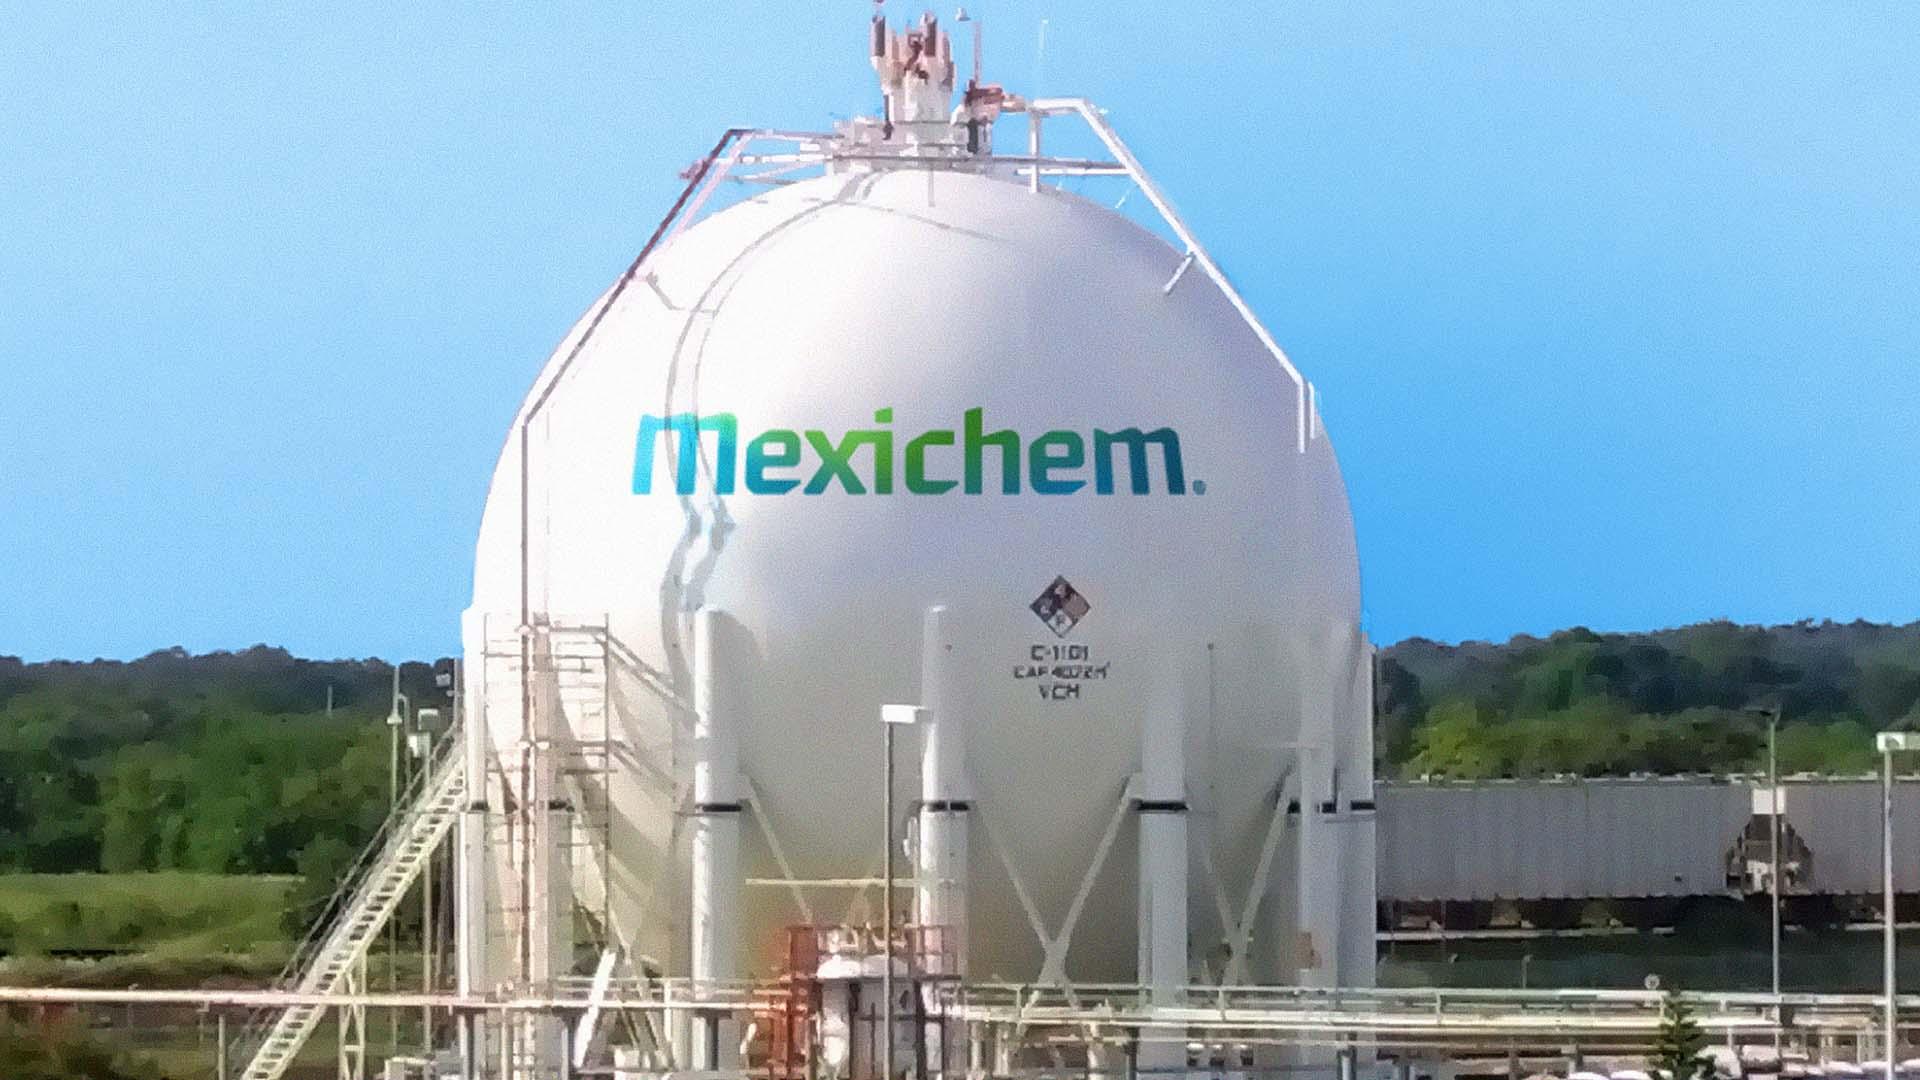 La empresa mexicana compró Gravenhurst Plastics con sede en Ontario y que se encarga de producir ductos de polietileno